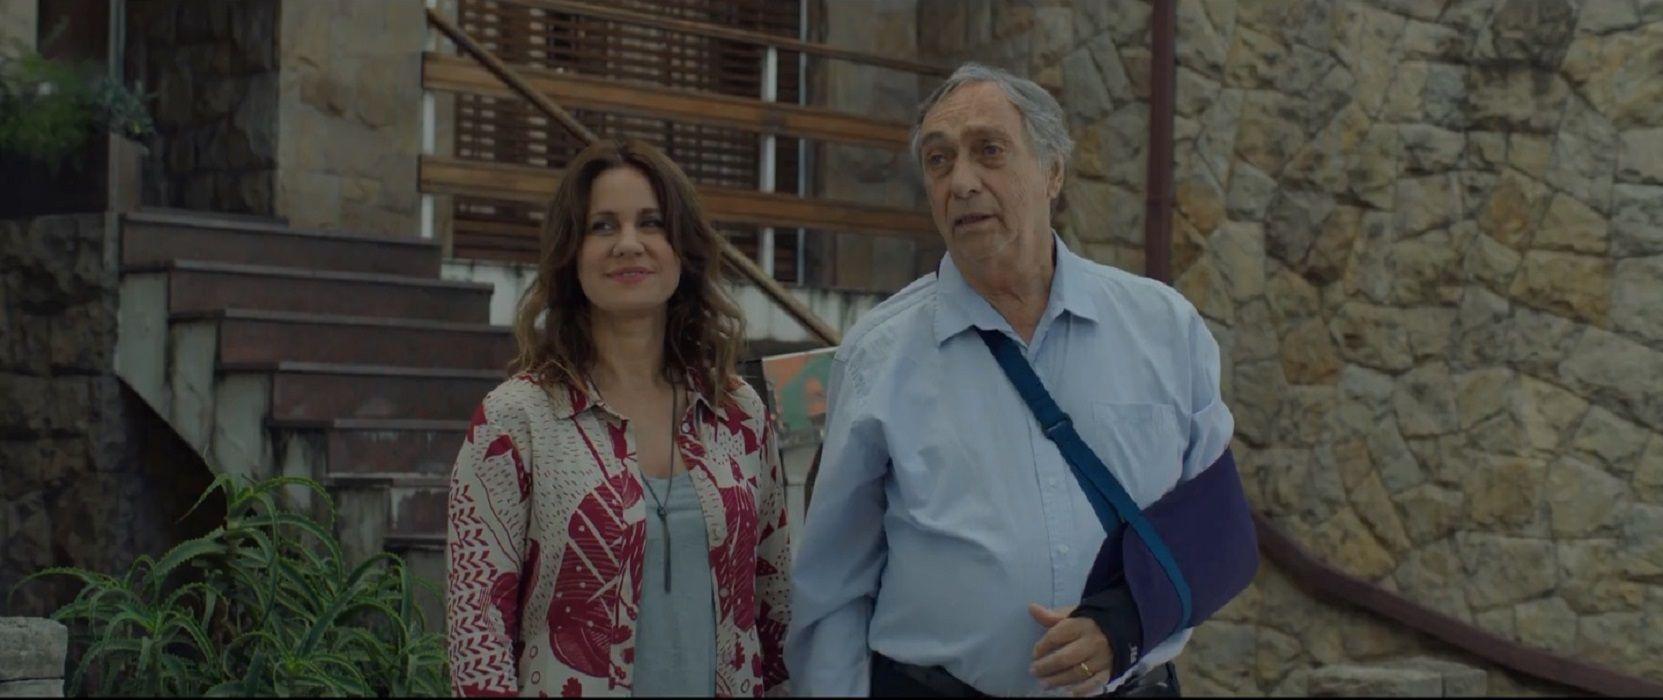 Luis Brandoniy el trabajo con Nancy Dupláa en El retiro: No hay grieta